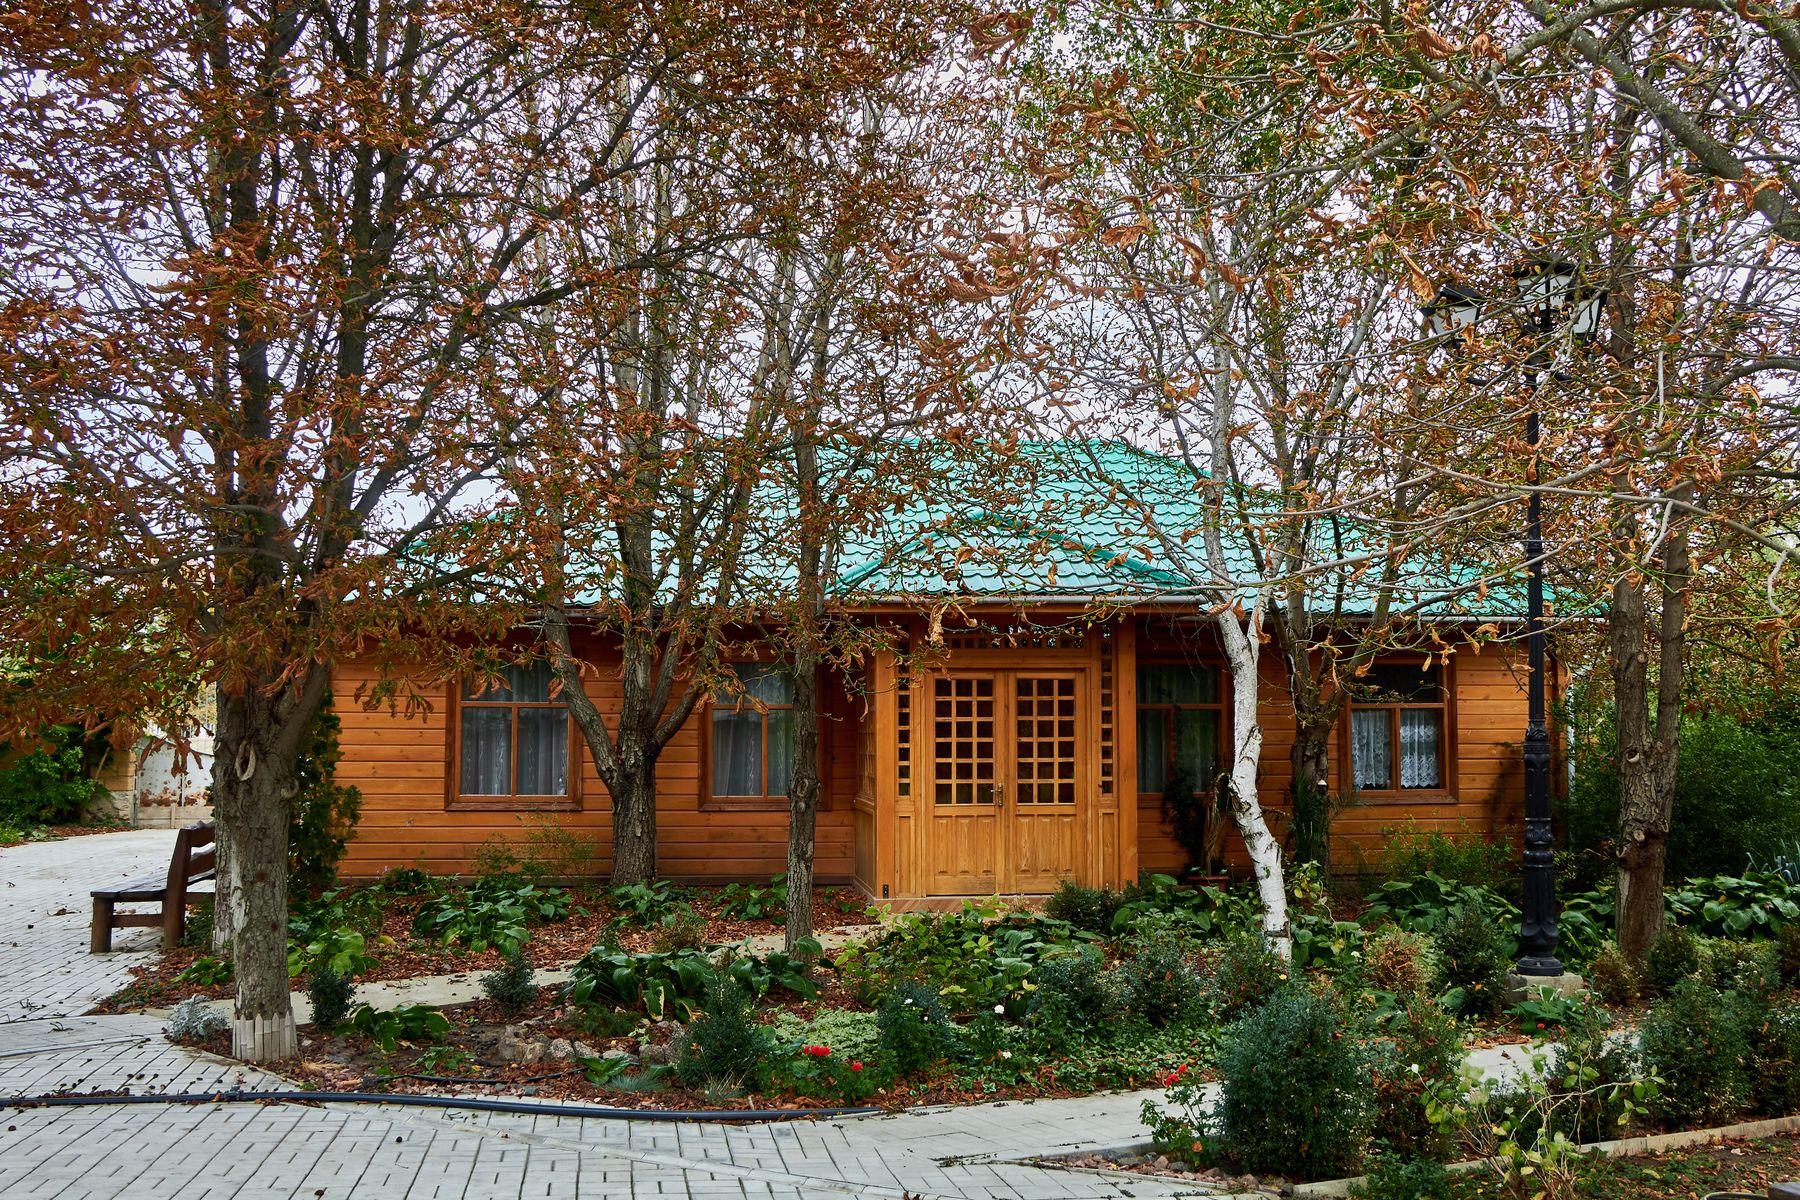 Деревянный дом дом архитектура осень парк церковь природа